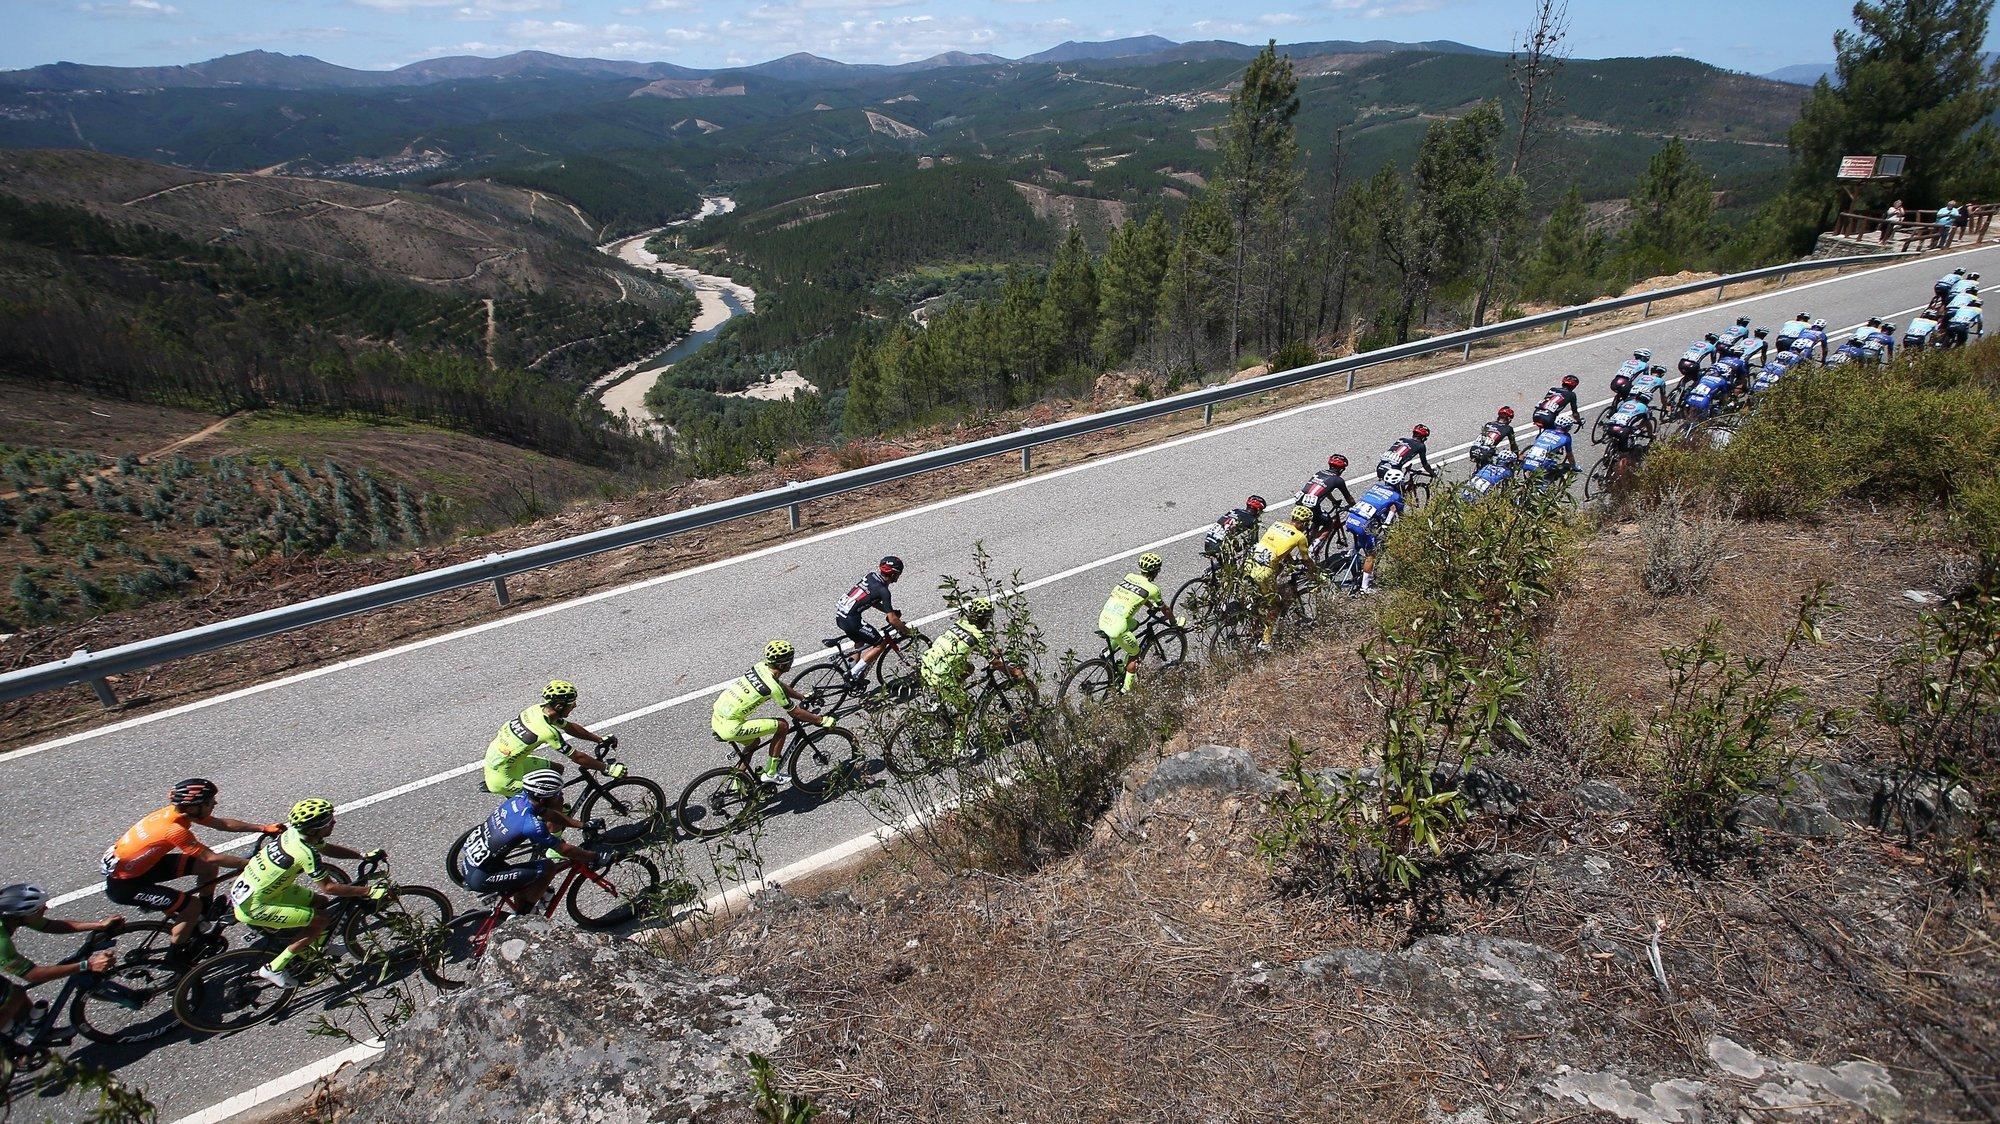 O pelotão durante a 3ª etapa da 82ª Volta a Portugal em Bicicleta, disputada hoje entre Sertã - Covilhã (Torre) com a distância de 170,3 Km. Castelo Branco, 07 de agosto de 2021. NUNO VEIGA/LUSA